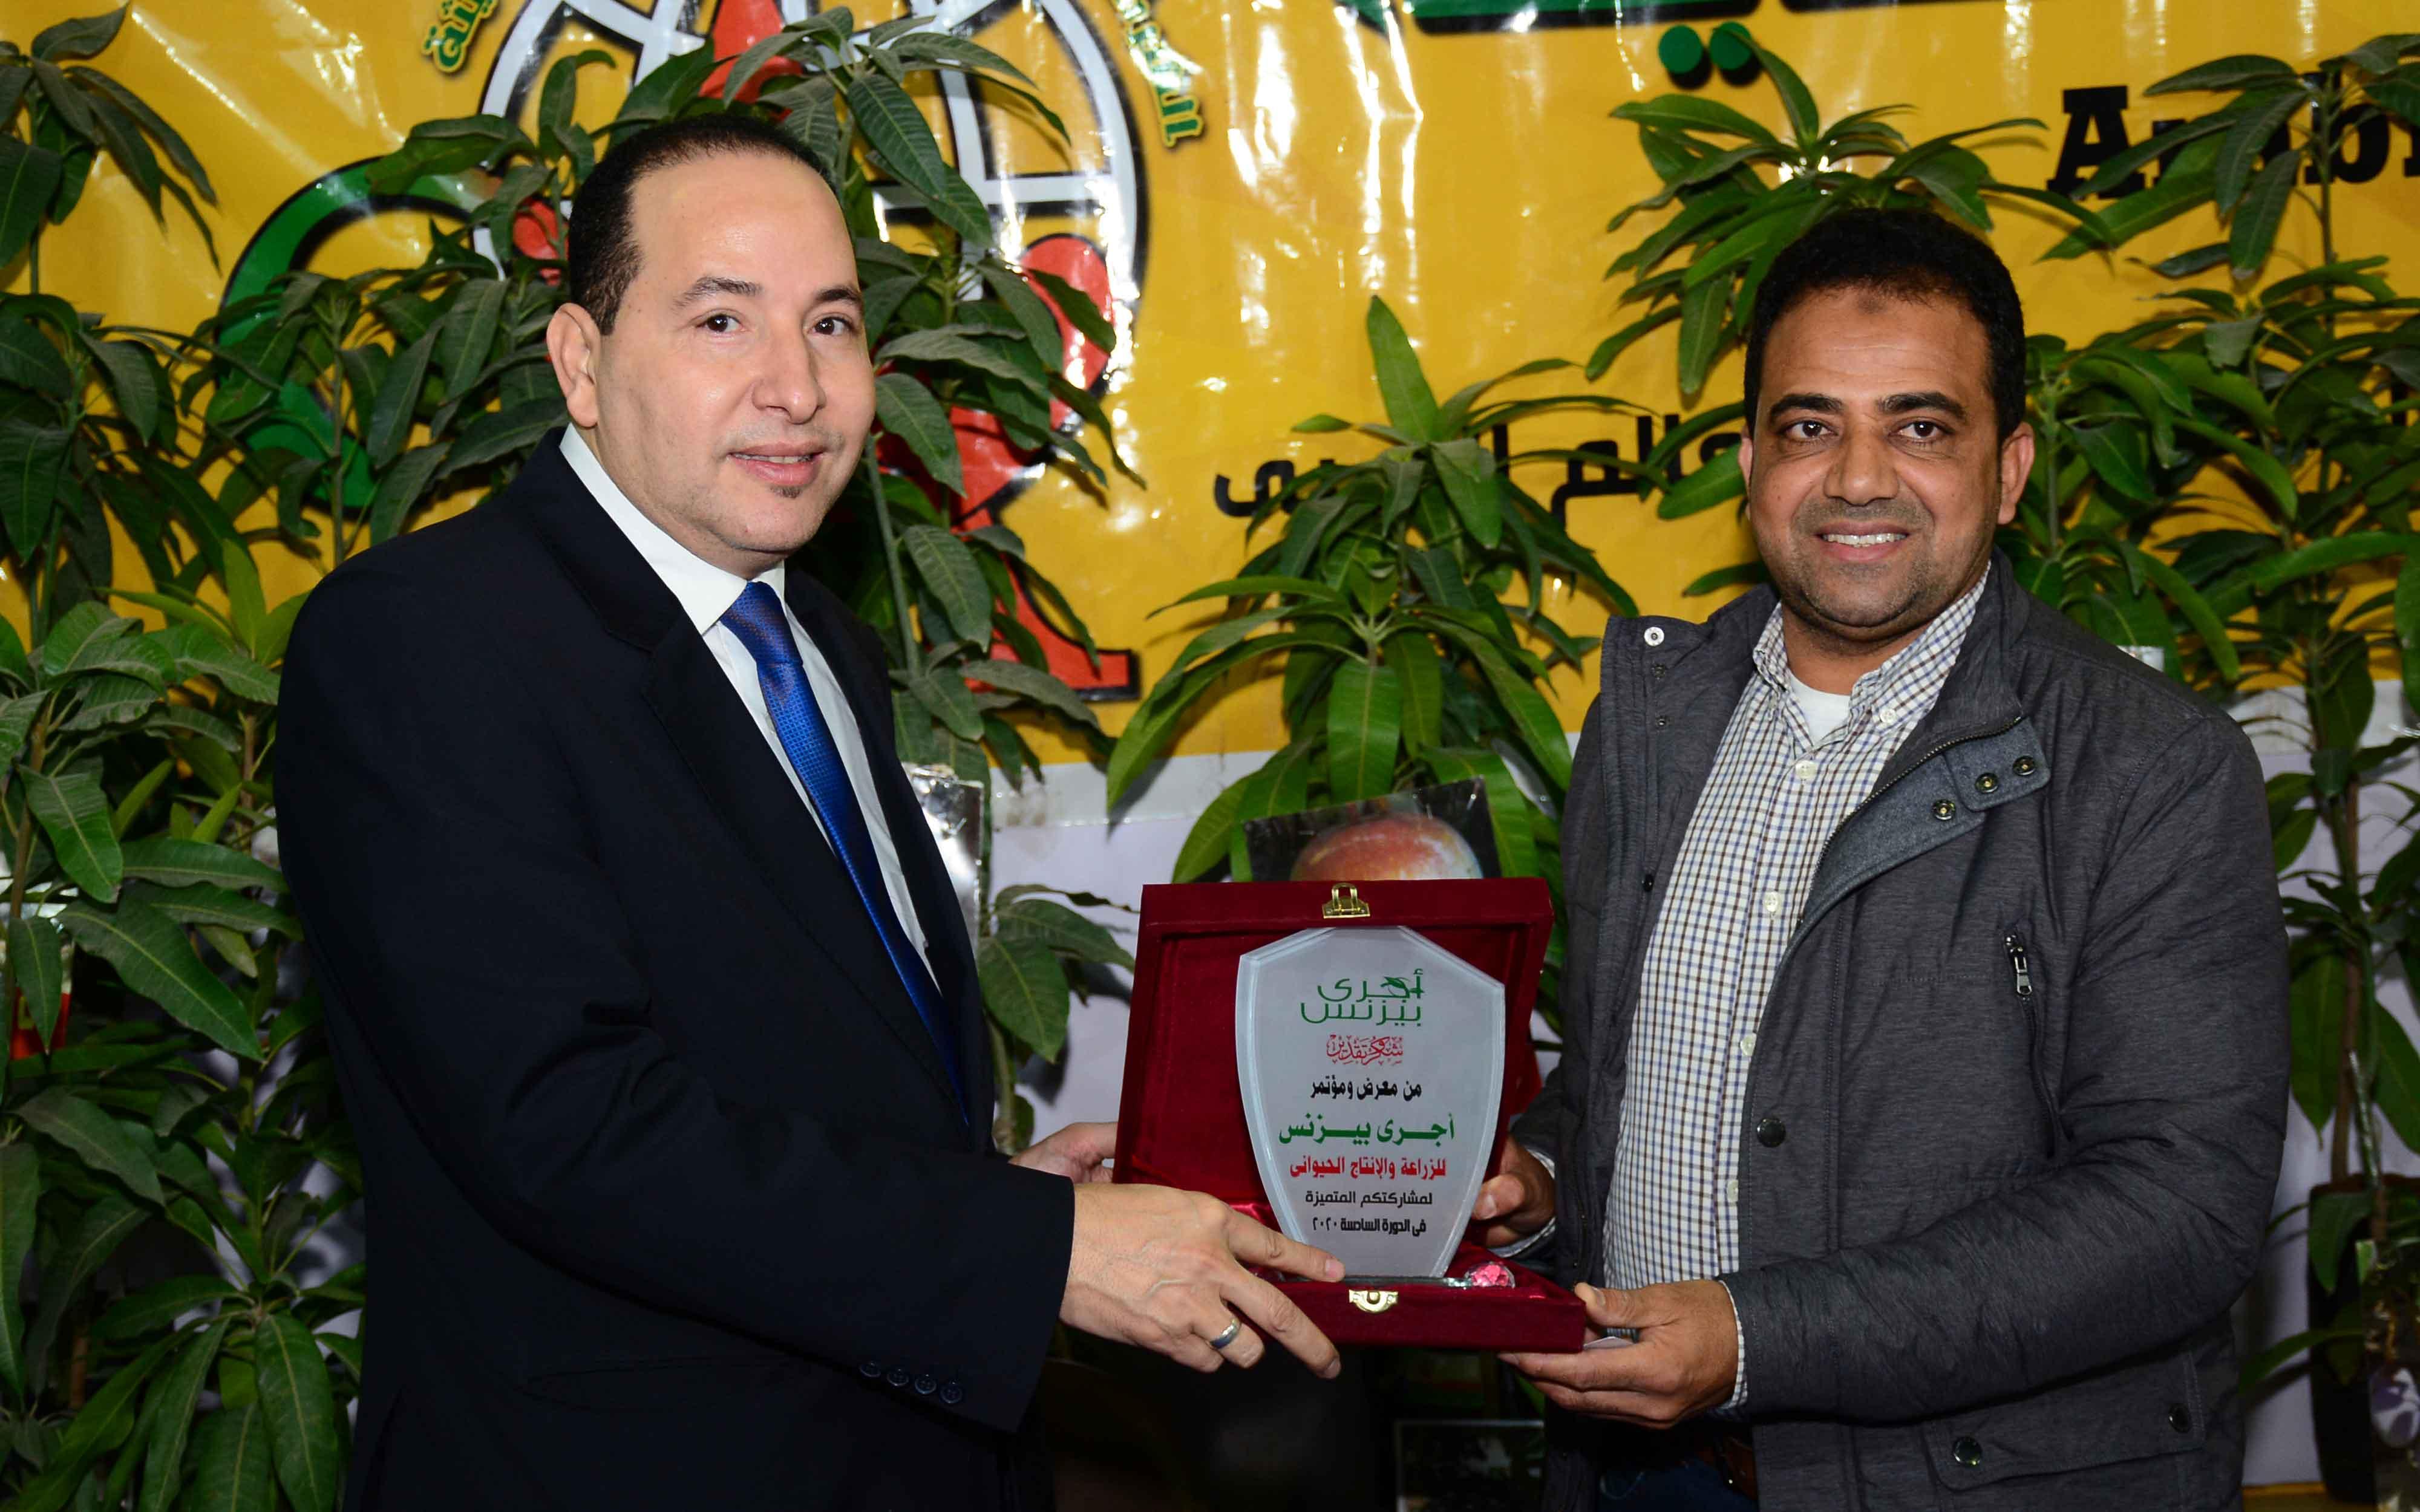 الشركة العربية لخدمة الزراعة الحديثة